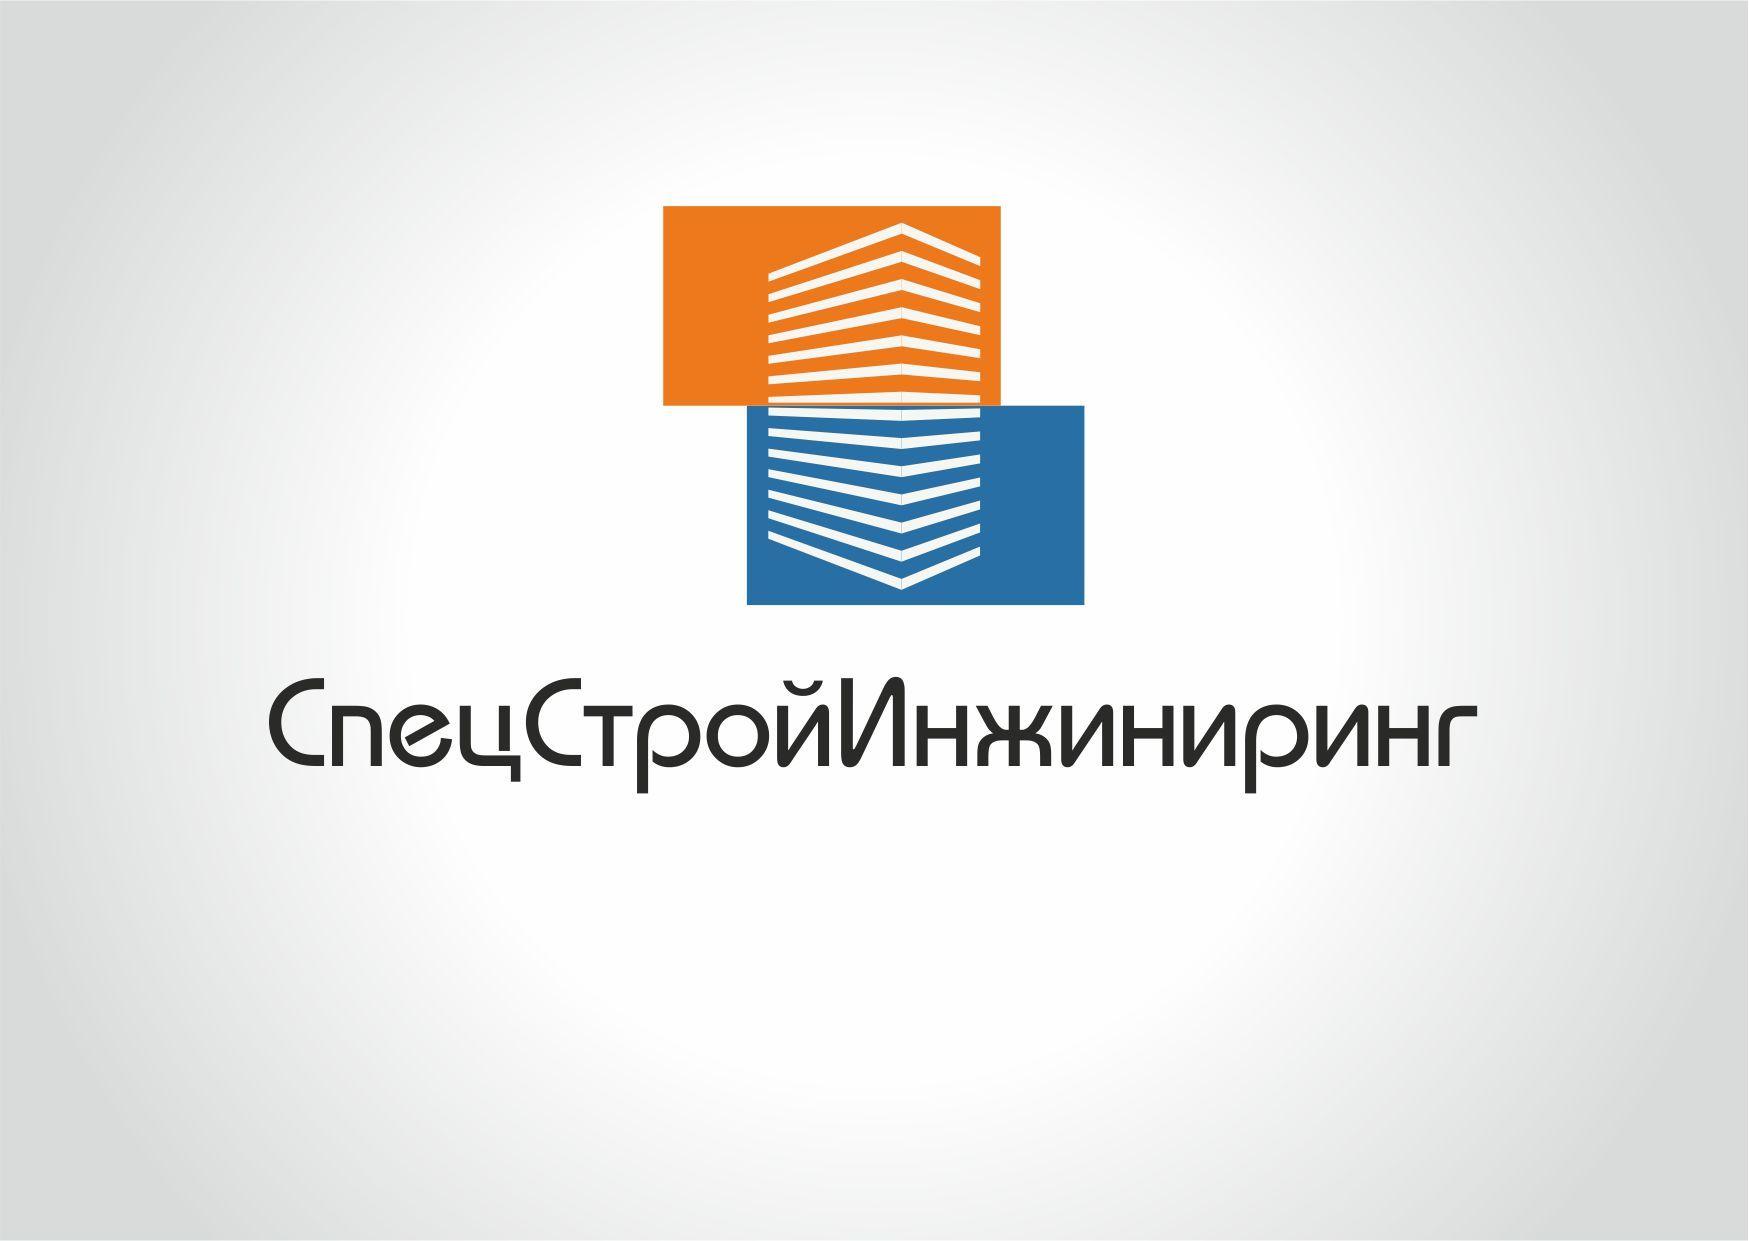 Логотип для строительной компании - дизайнер Re-gi-na